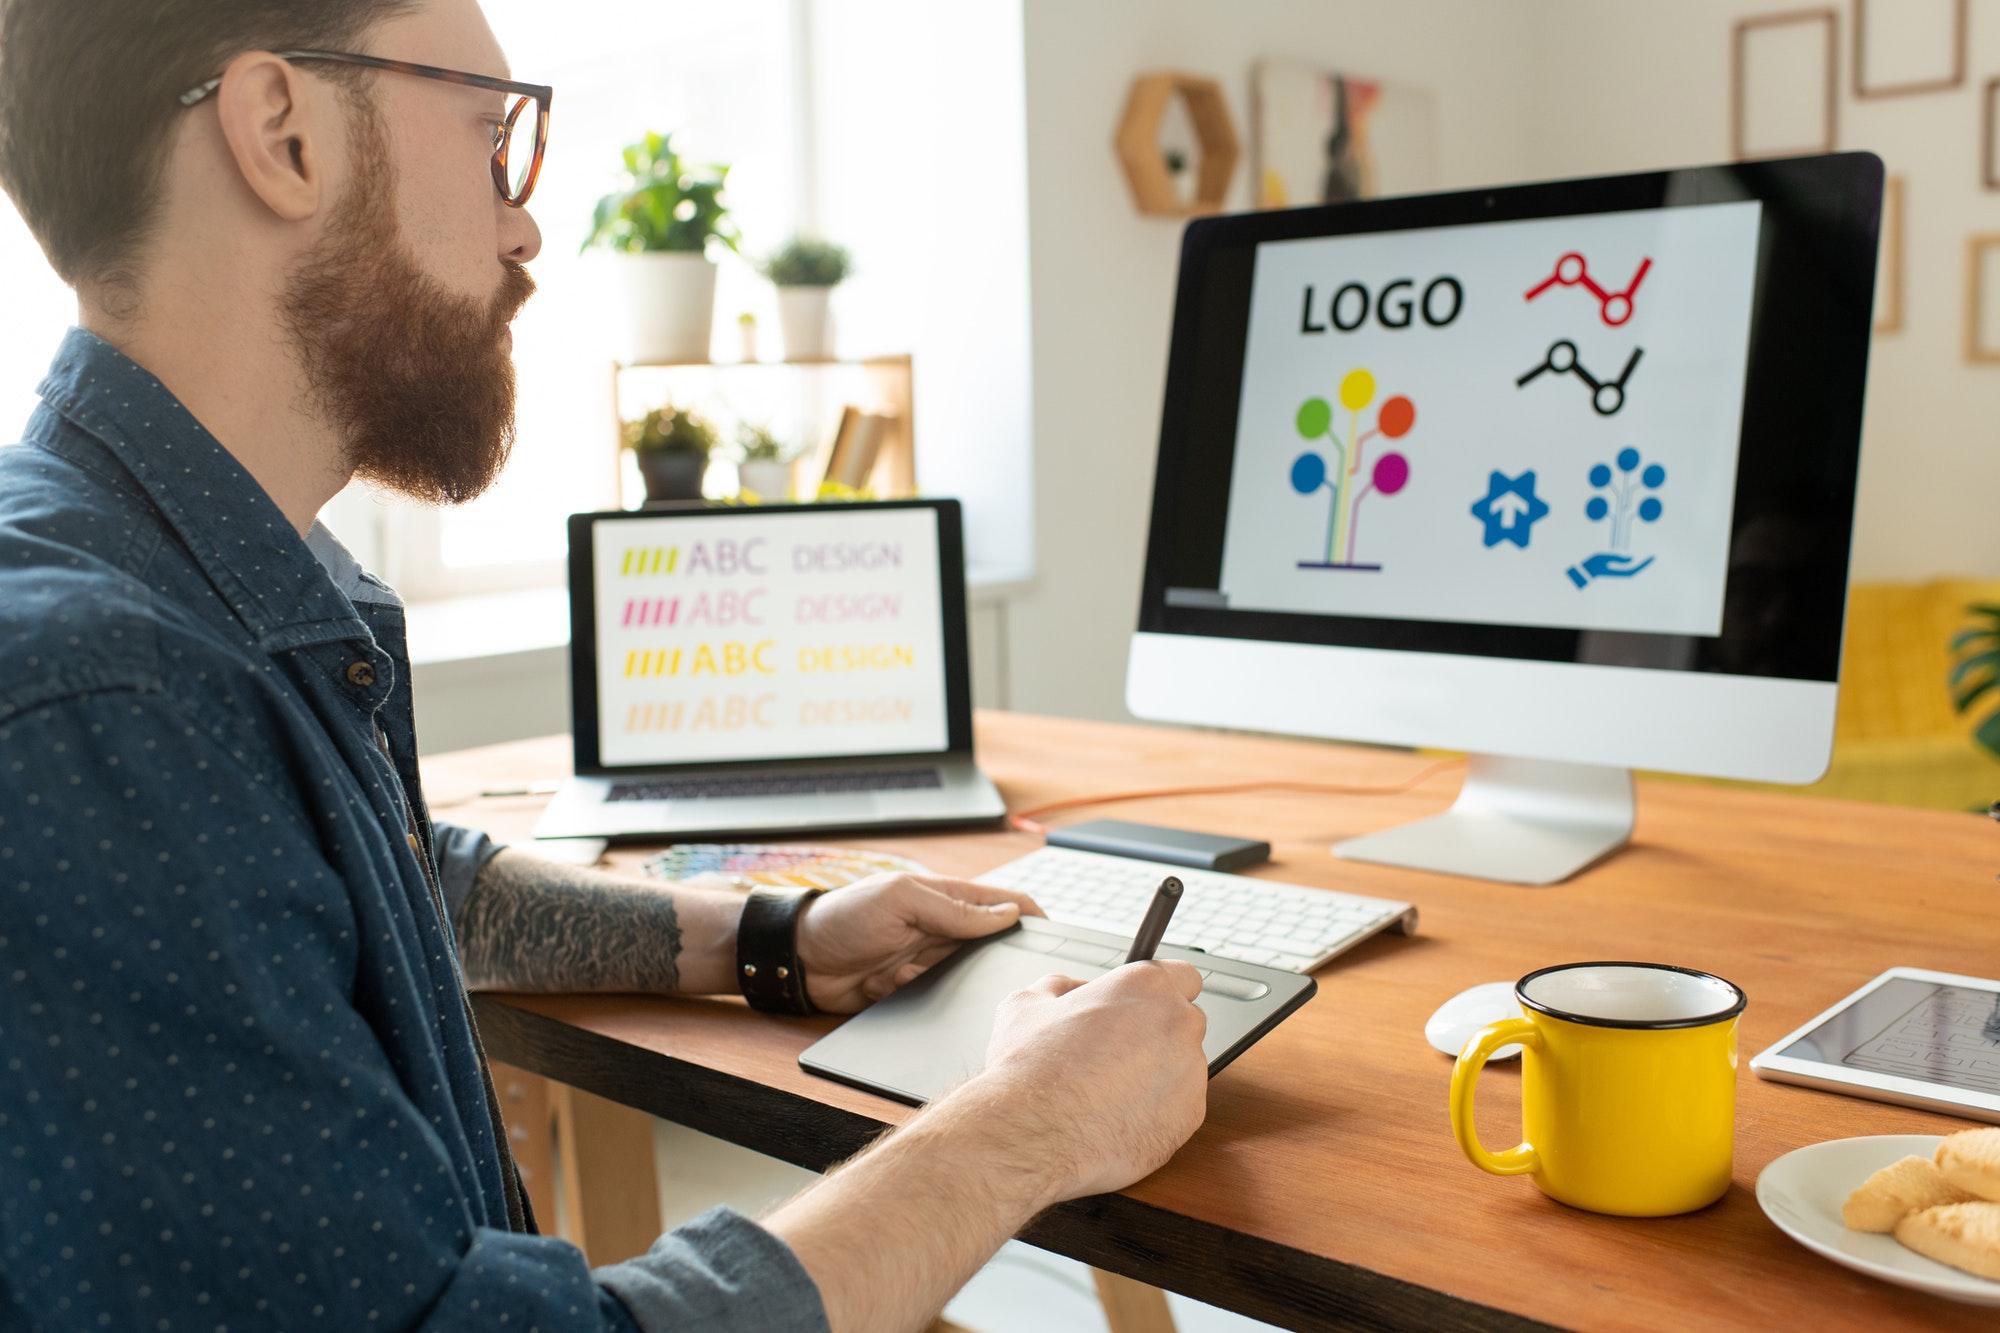 Kako si lahko samostojno izdelamo logotip?